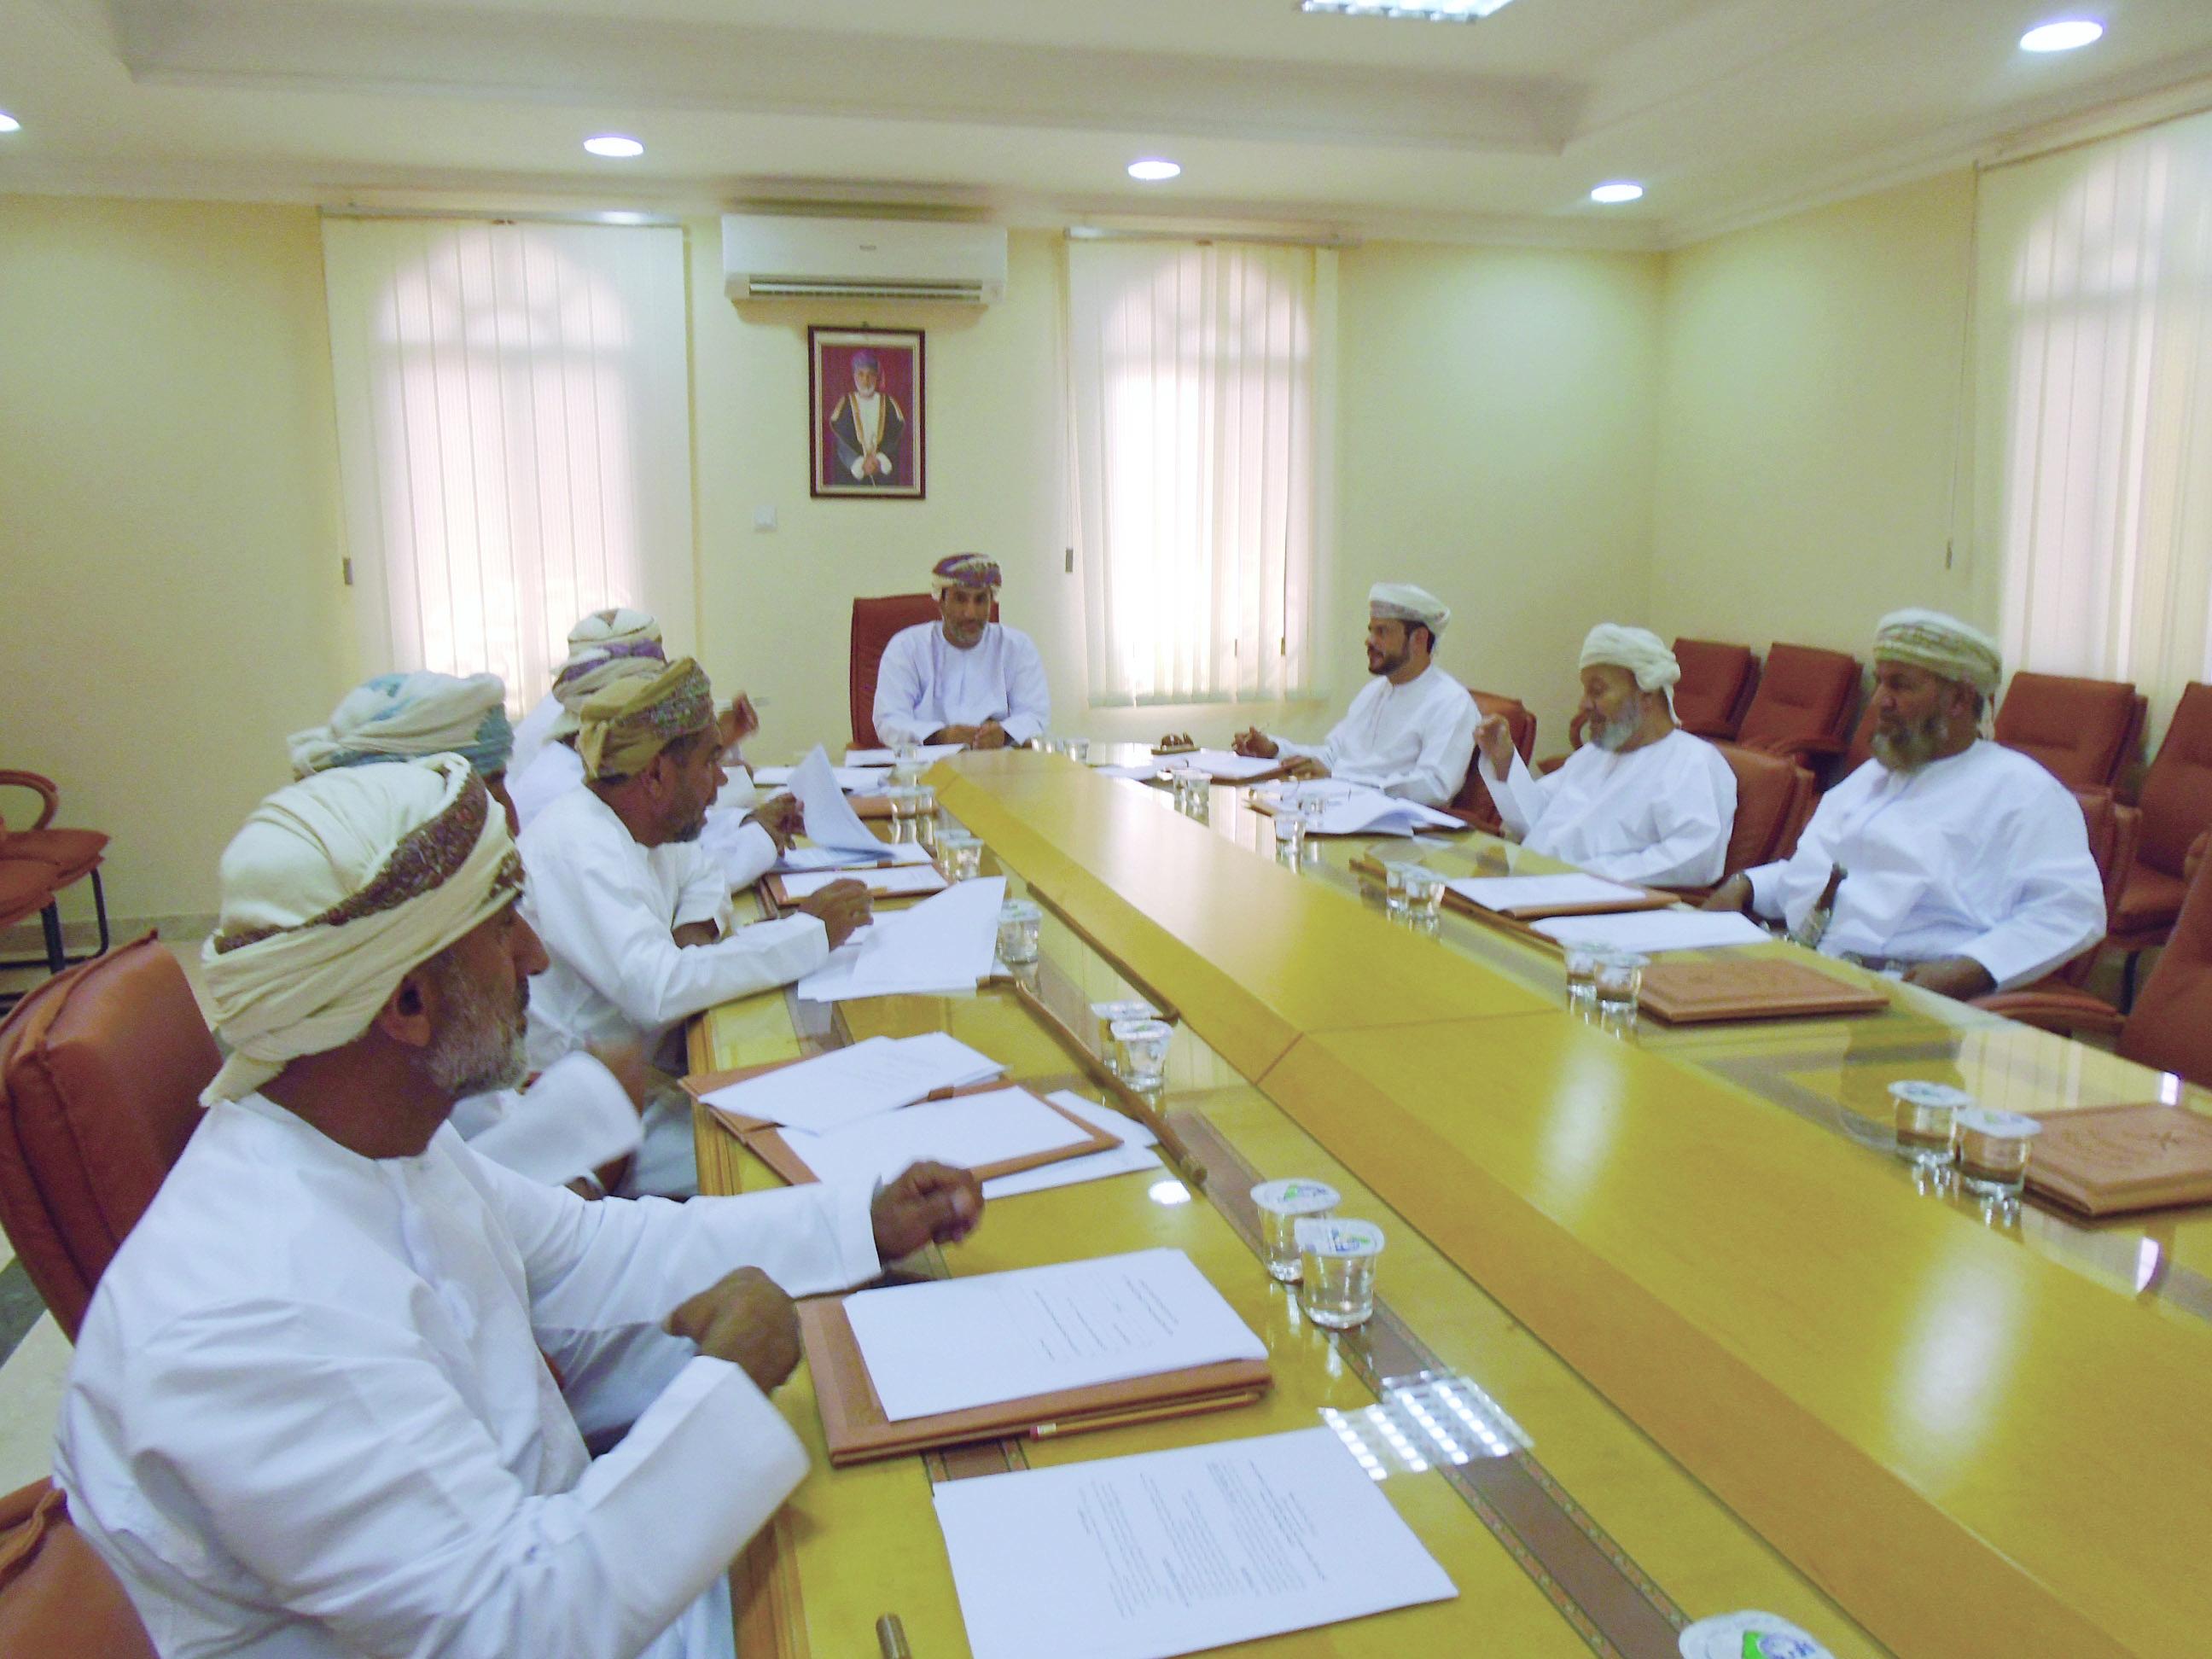 لجنة سنن البحر بجعلان بني بوعلي تناقش الإعلان عن الترشح لعضويتها